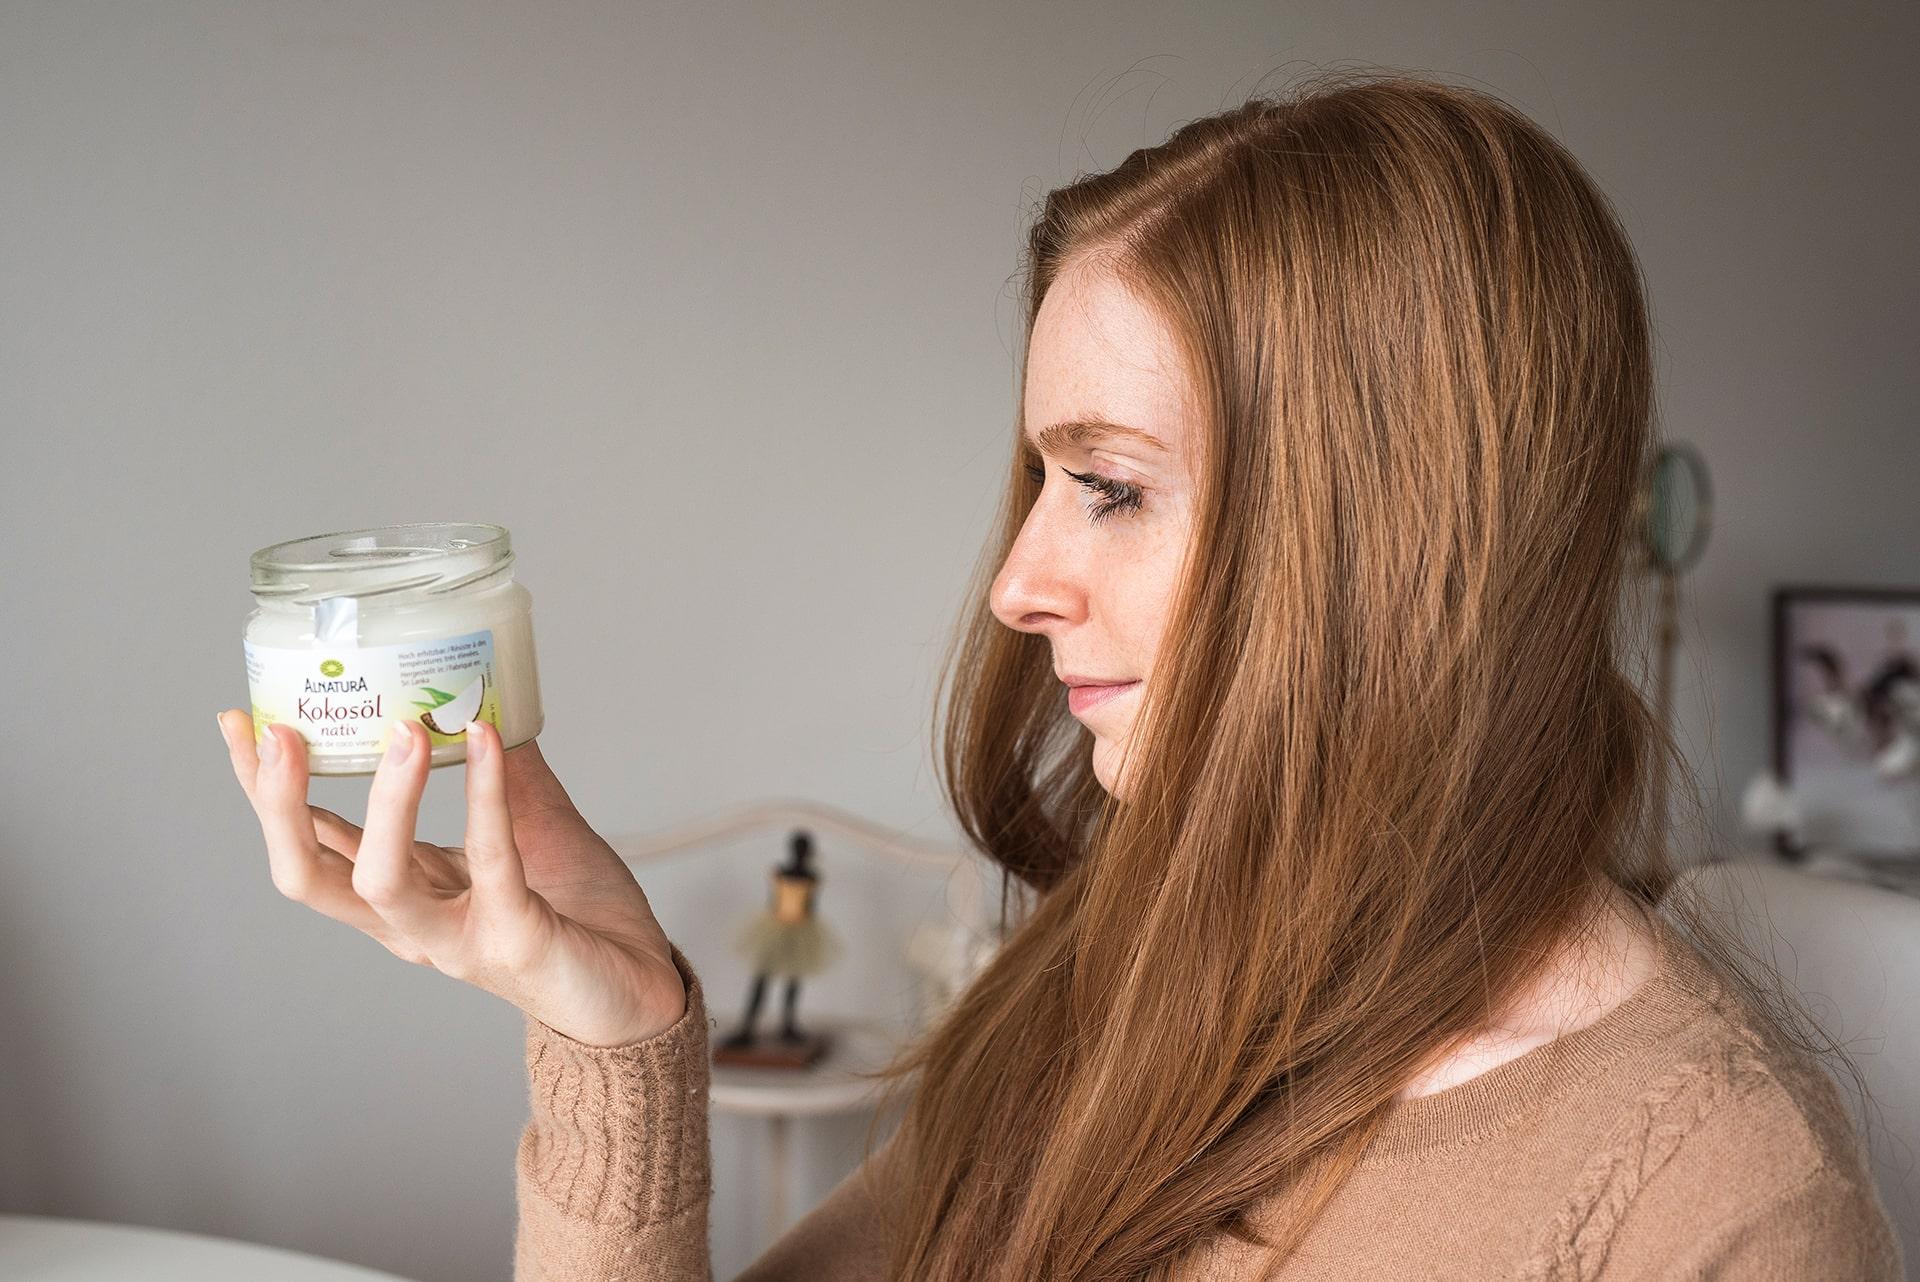 Blog Lifestyle - Miraculeuse huile en matière de beauté pour le corps et les cheveux - Suivre sa Joie - Saskia Parein